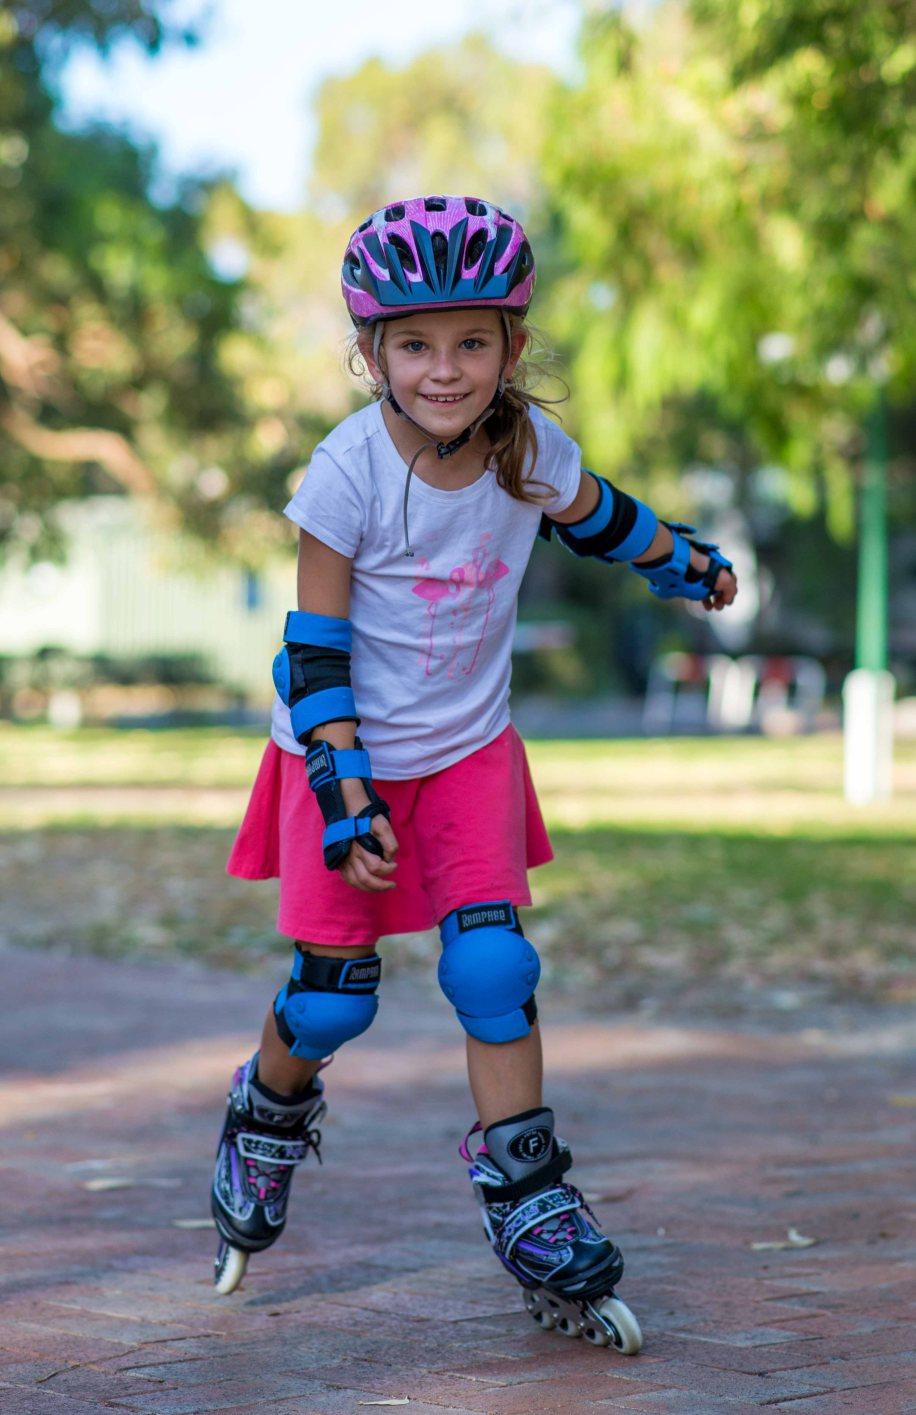 Roller skating emu plains - 31 12 Maddy On Roller Blades